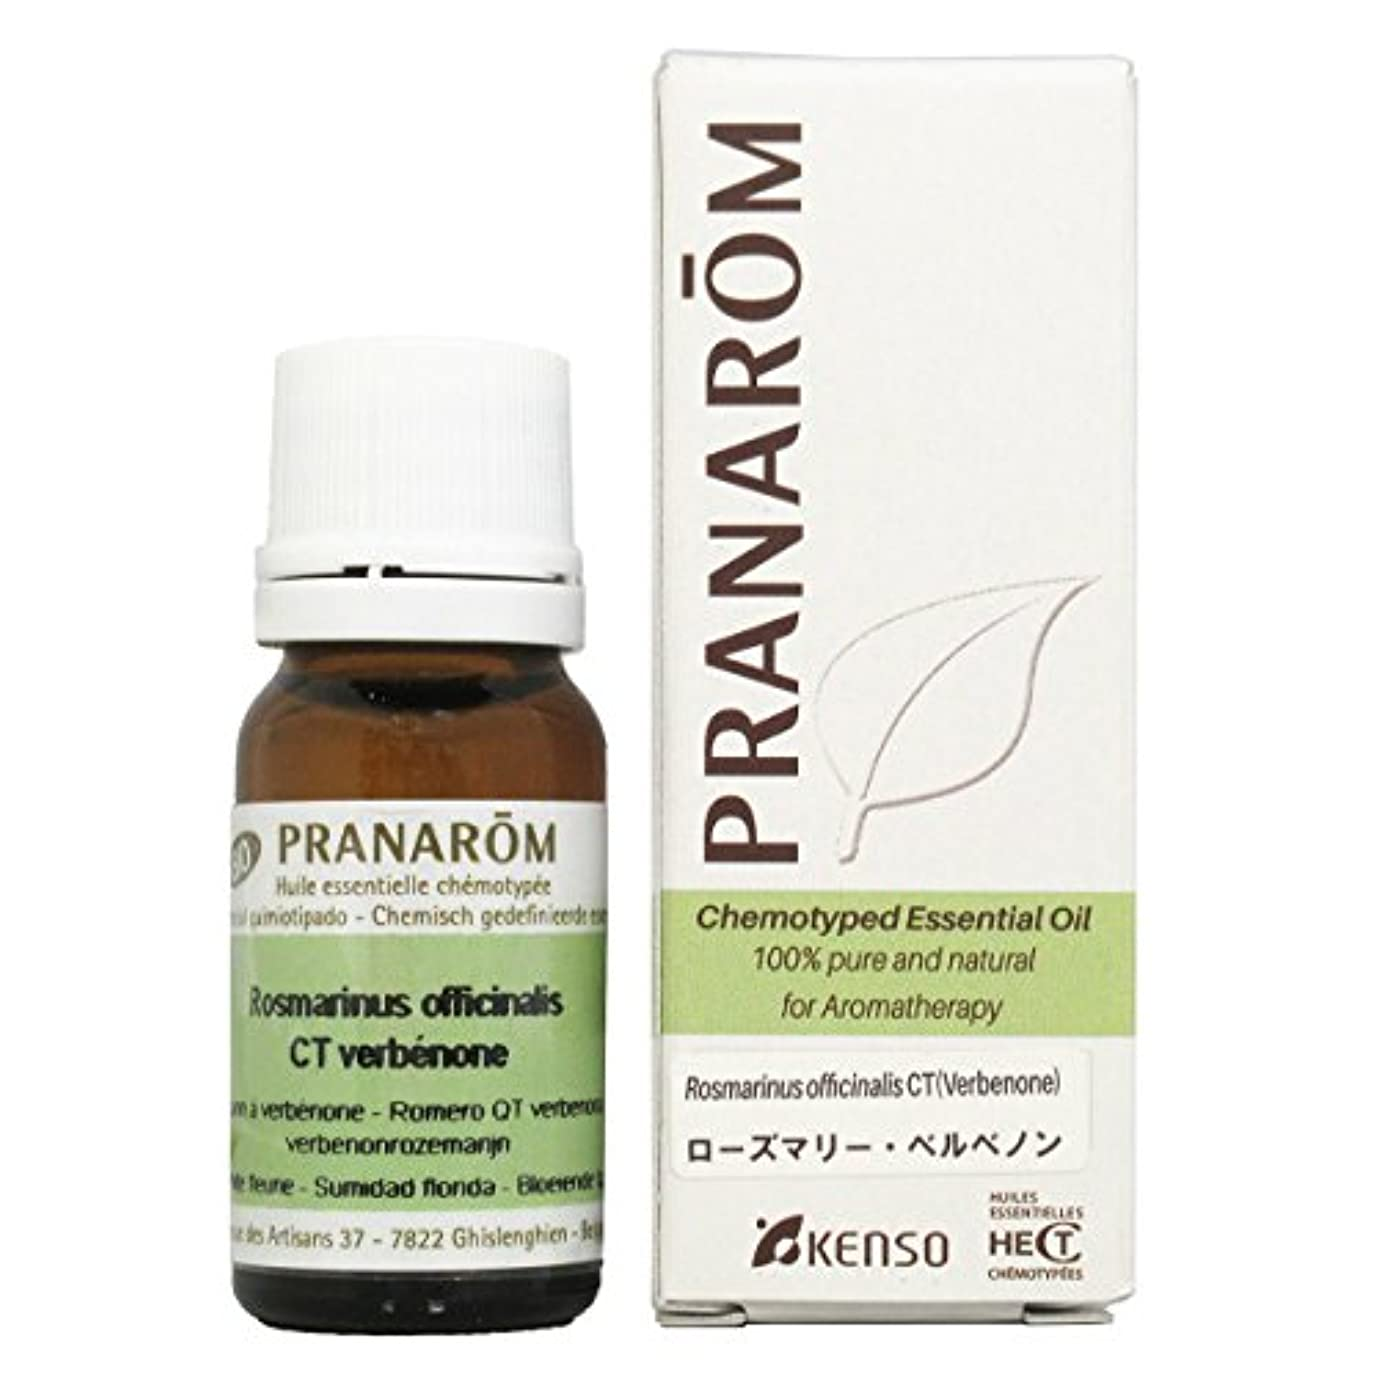 インターネット必需品必需品プラナロム ローズマリーベルベノン 10ml (PRANAROM ケモタイプ精油)